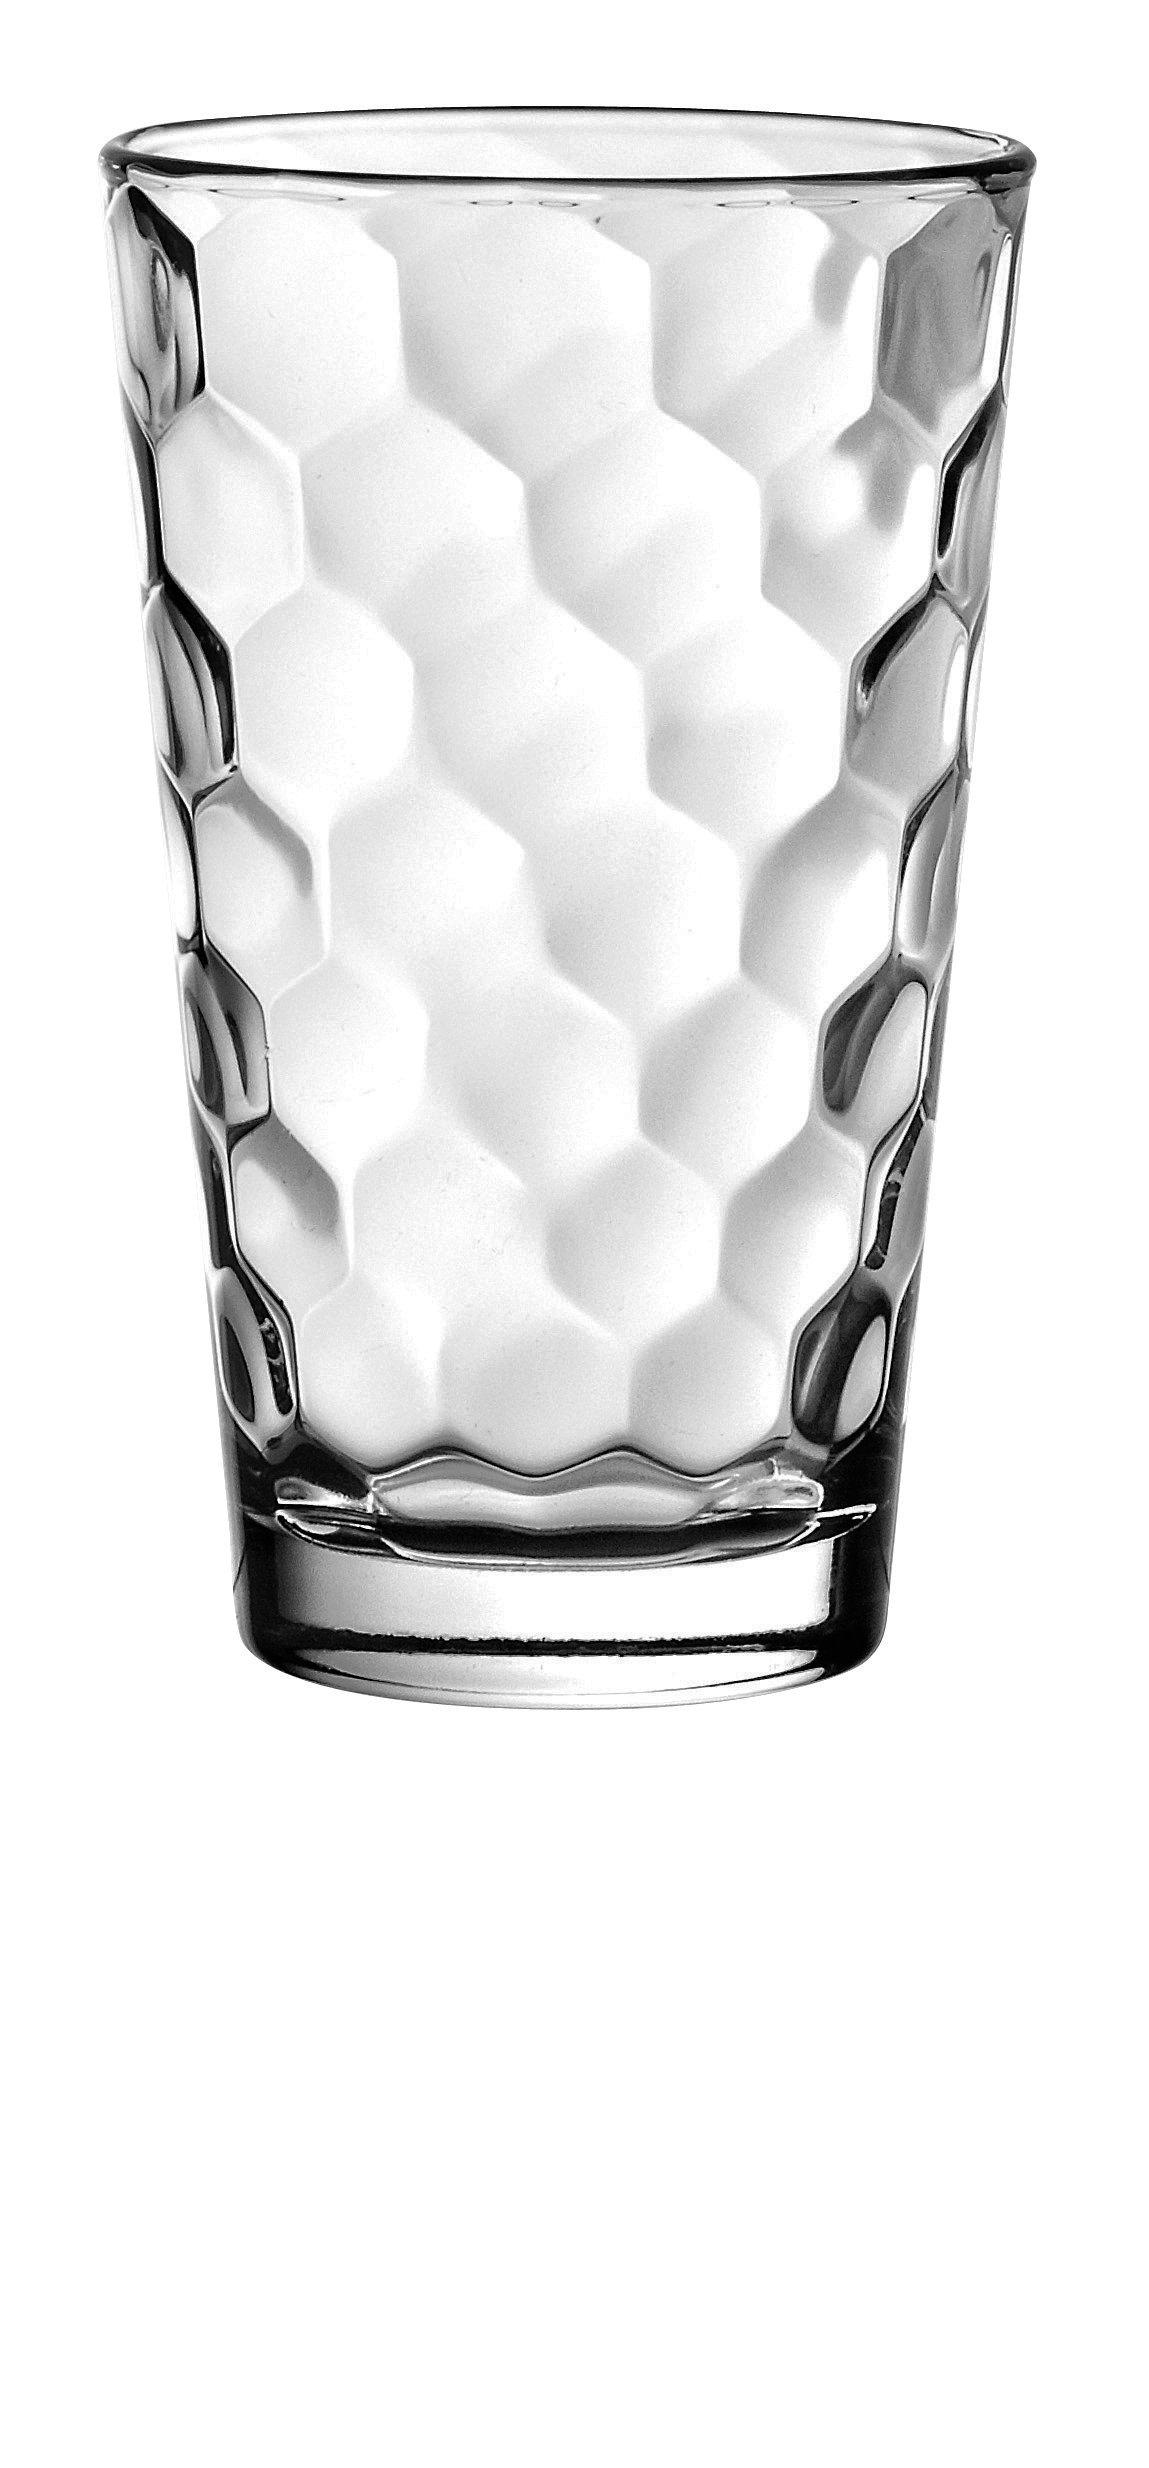 Barski - European Glass - Hiball Tumbler - Artistically Designed - 13.5 oz. - Set of 6 Highball Glasses - Made in Europe